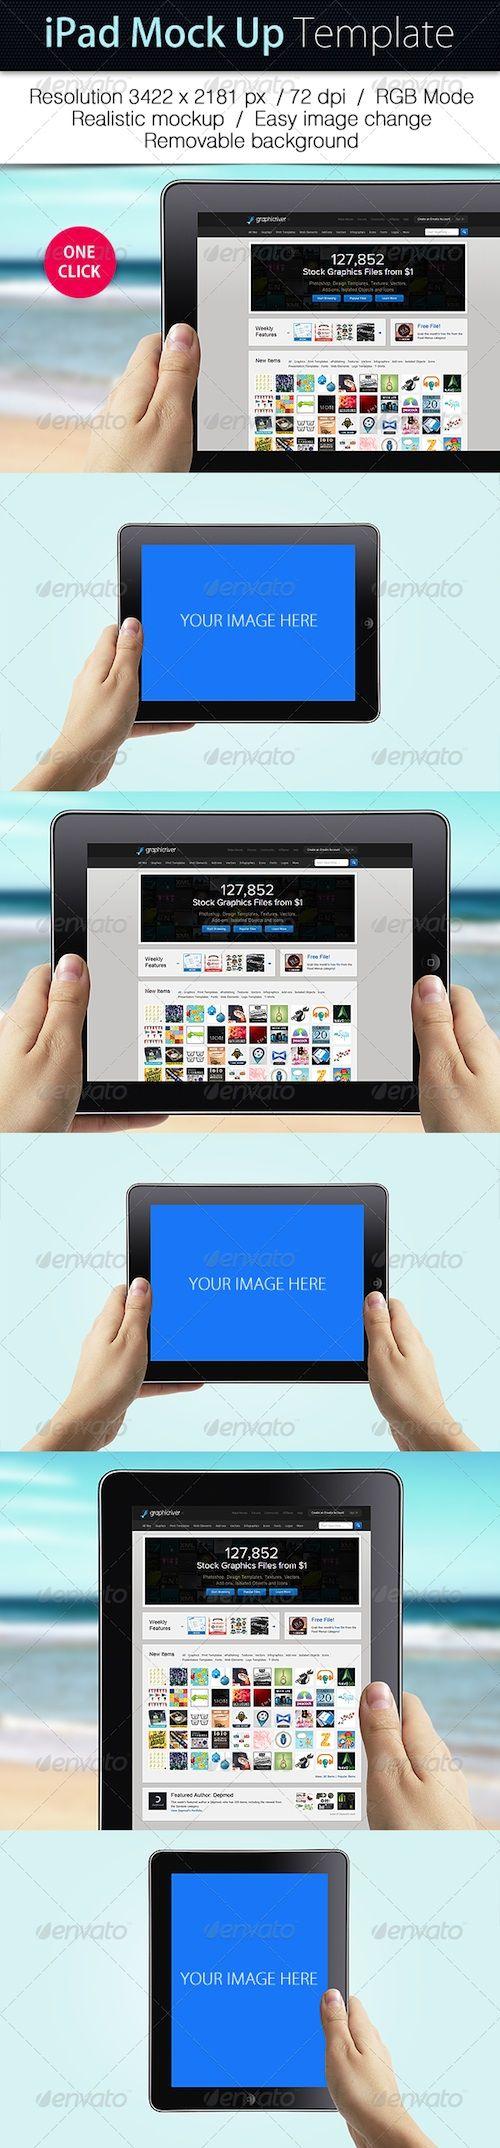 Mejores 192 imágenes de Photoshop Mock-ups en Pinterest | Photoshop ...